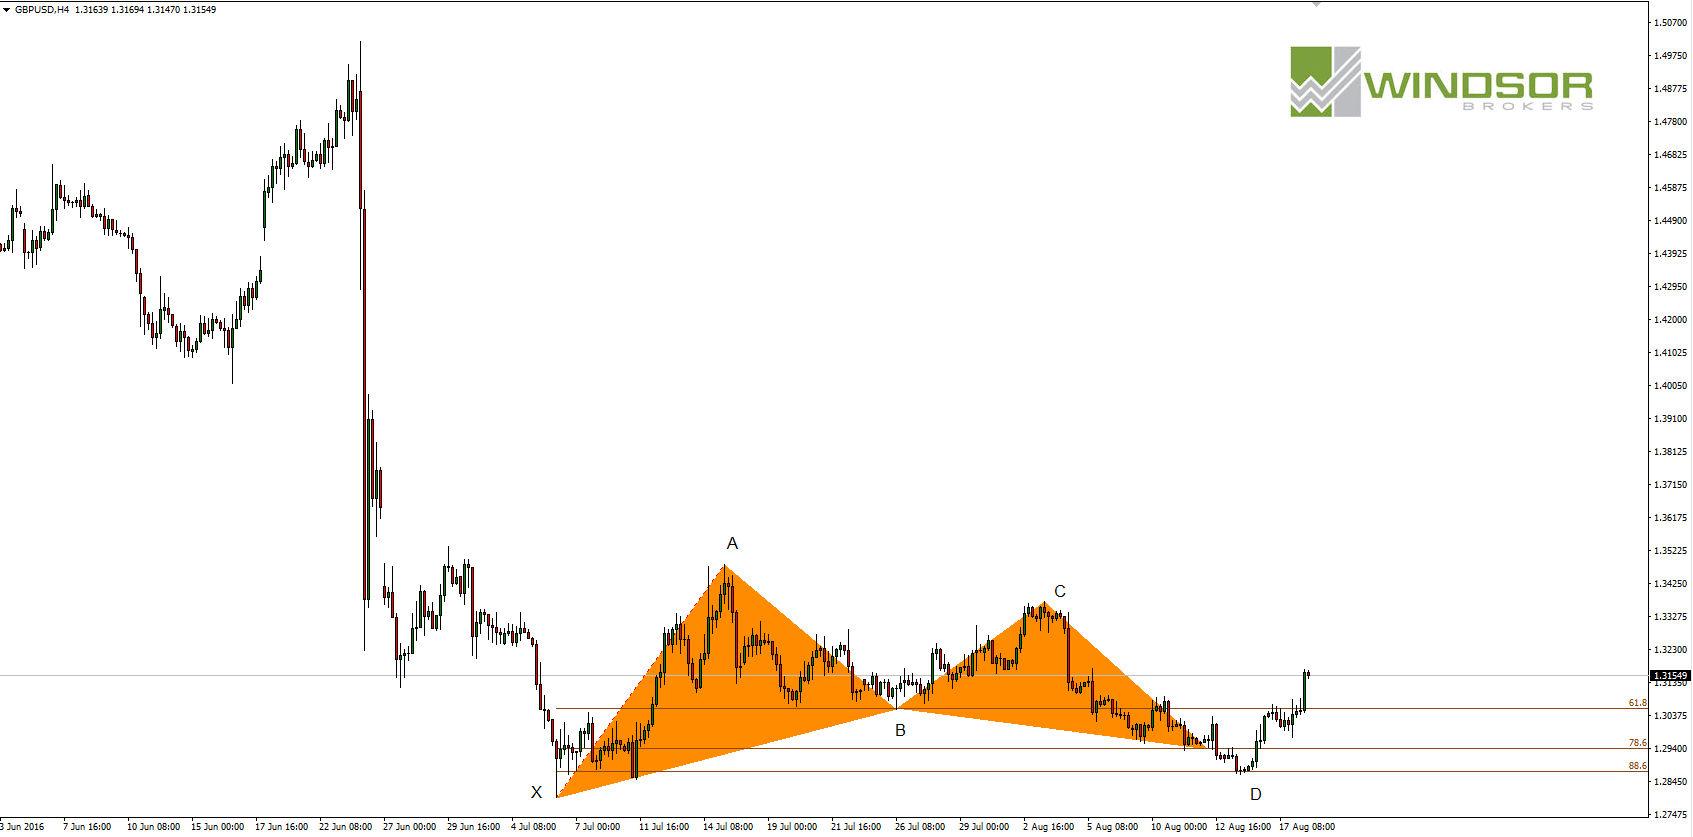 Wykres GBPUSD dla interwału H4.